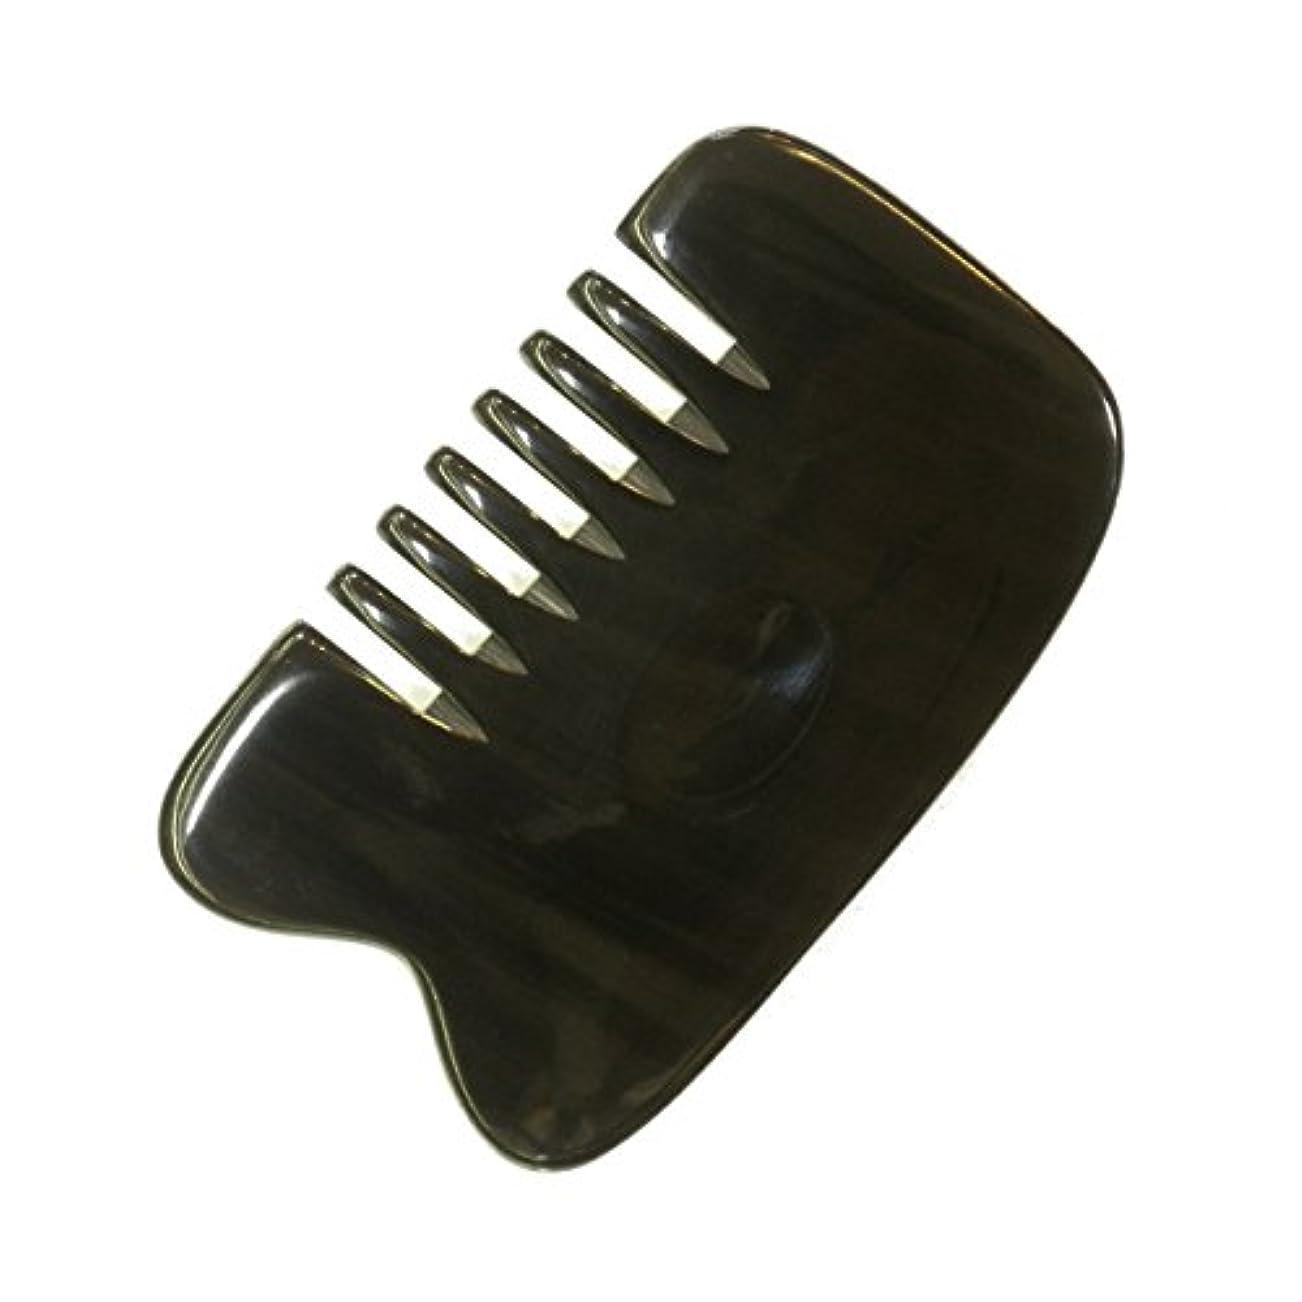 小競り合い大きなスケールで見ると動物かっさ プレート 厚さが選べる 水牛の角(黒水牛角) EHE221SP 櫛型 特級品 標準(6ミリ程度)